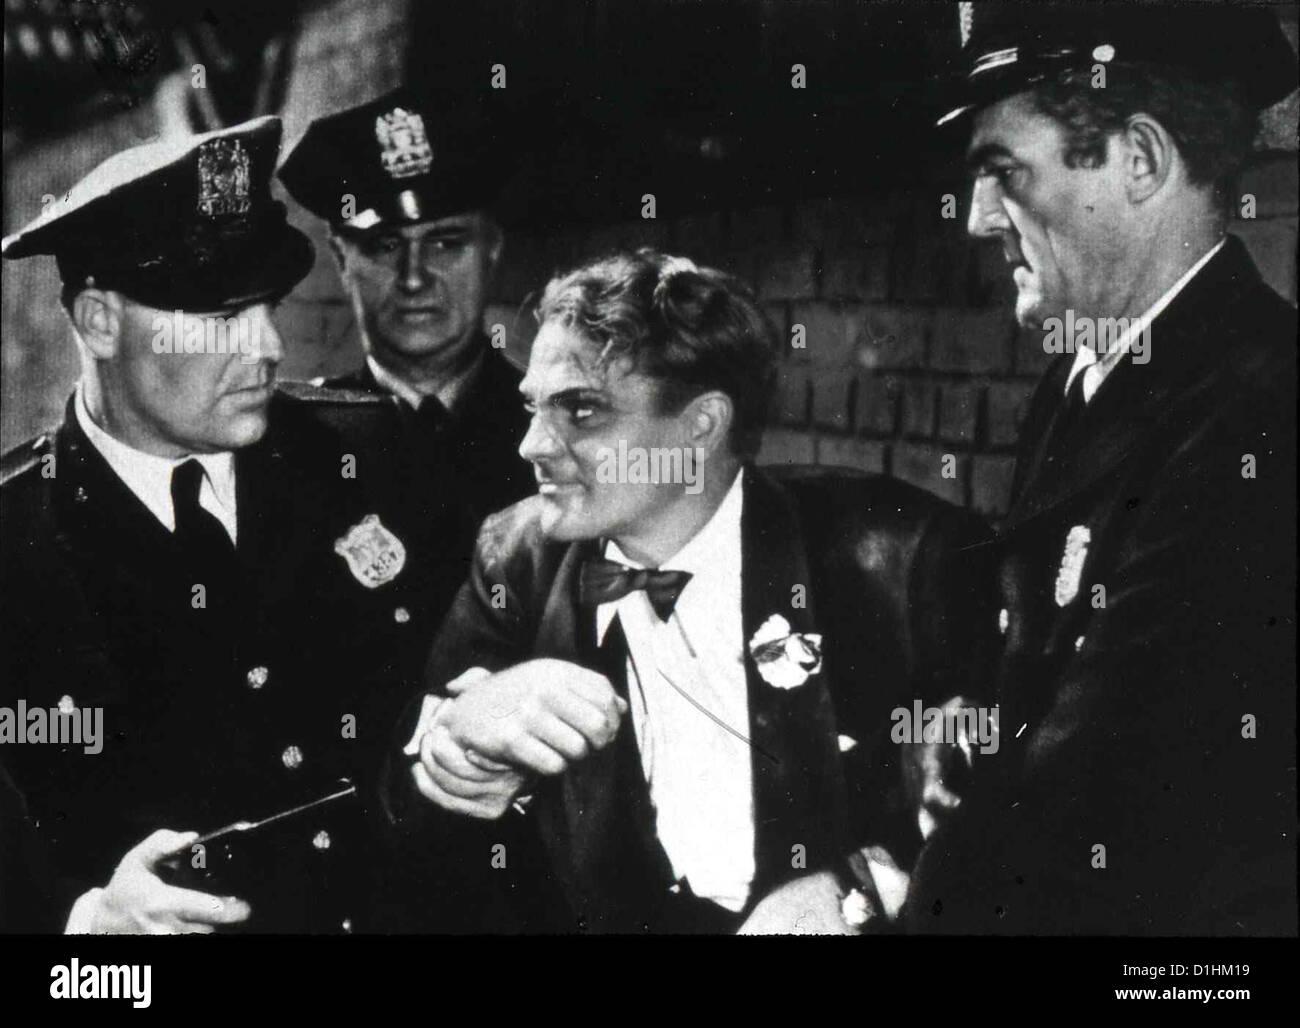 Chicago - Engel Mit Schmutzigen Gesichtern   Angels With Dirty Faces   James Cagney (m) *** Local Caption *** 1938Stock Photo